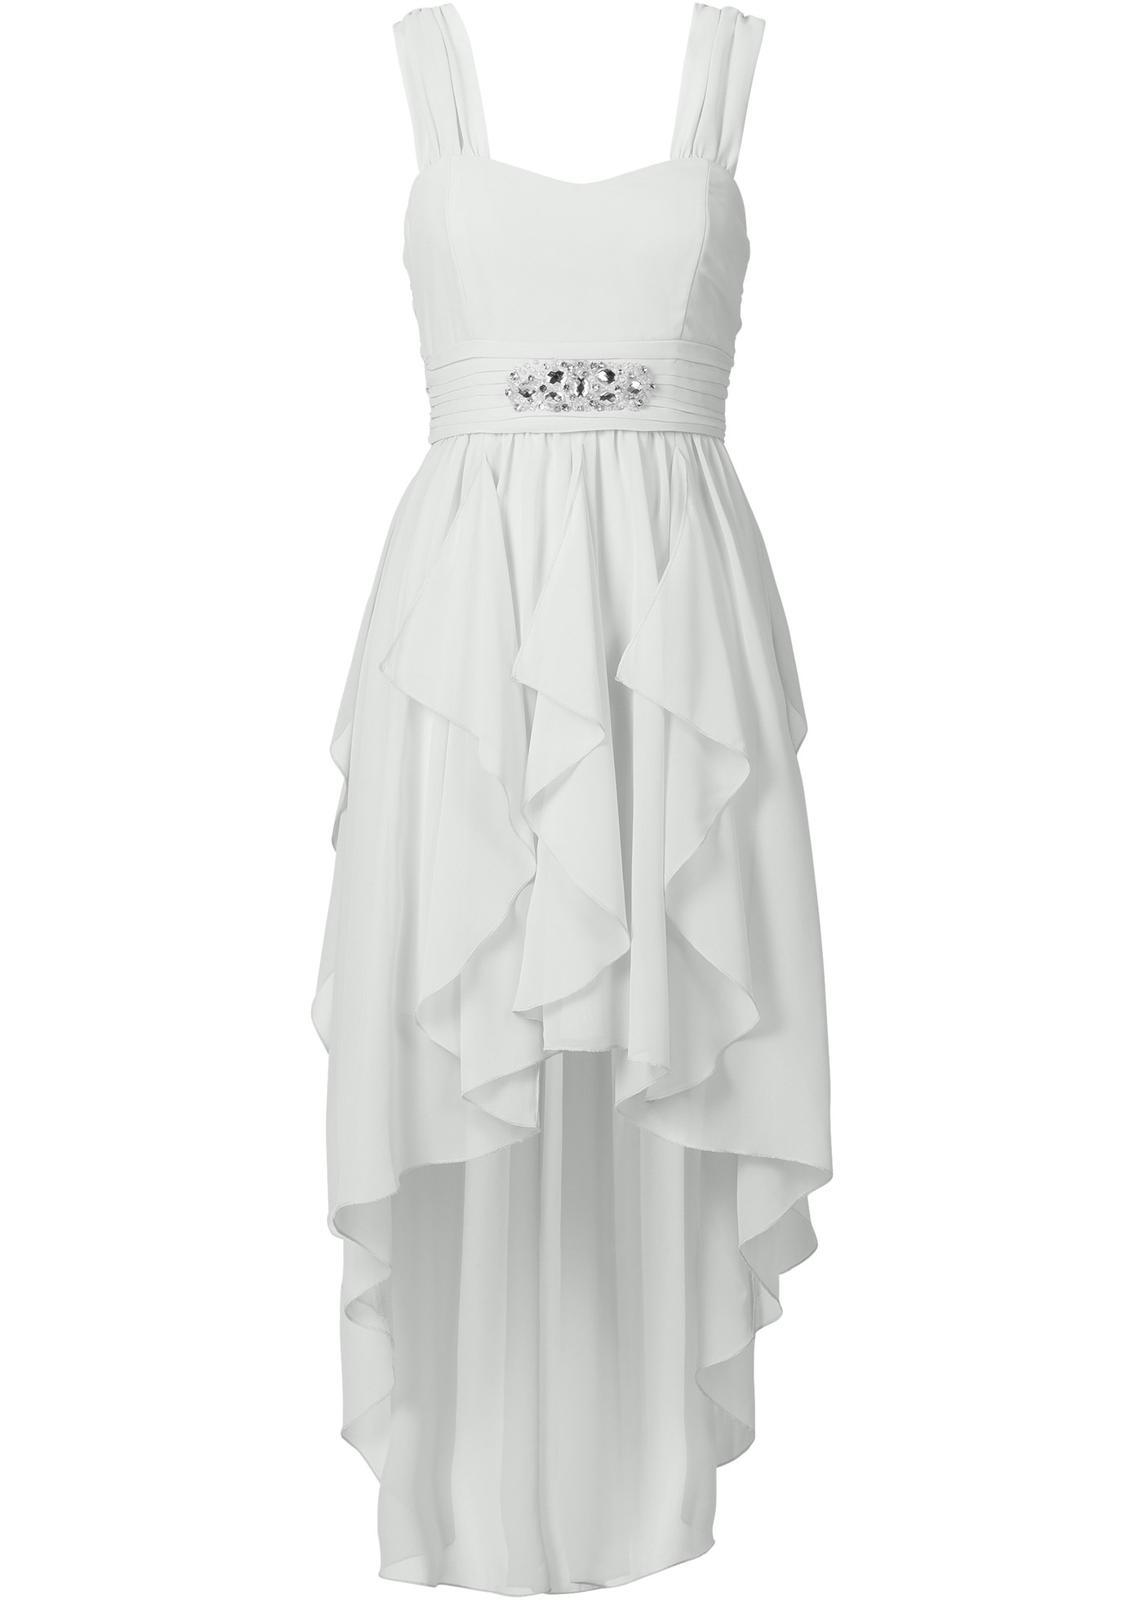 Jsou vubec ty šaty vhodné   Nechtěla jsem žádné princeznovské nebo  klasické. Uvažuju taky o bílých teniskách d472ea4b98